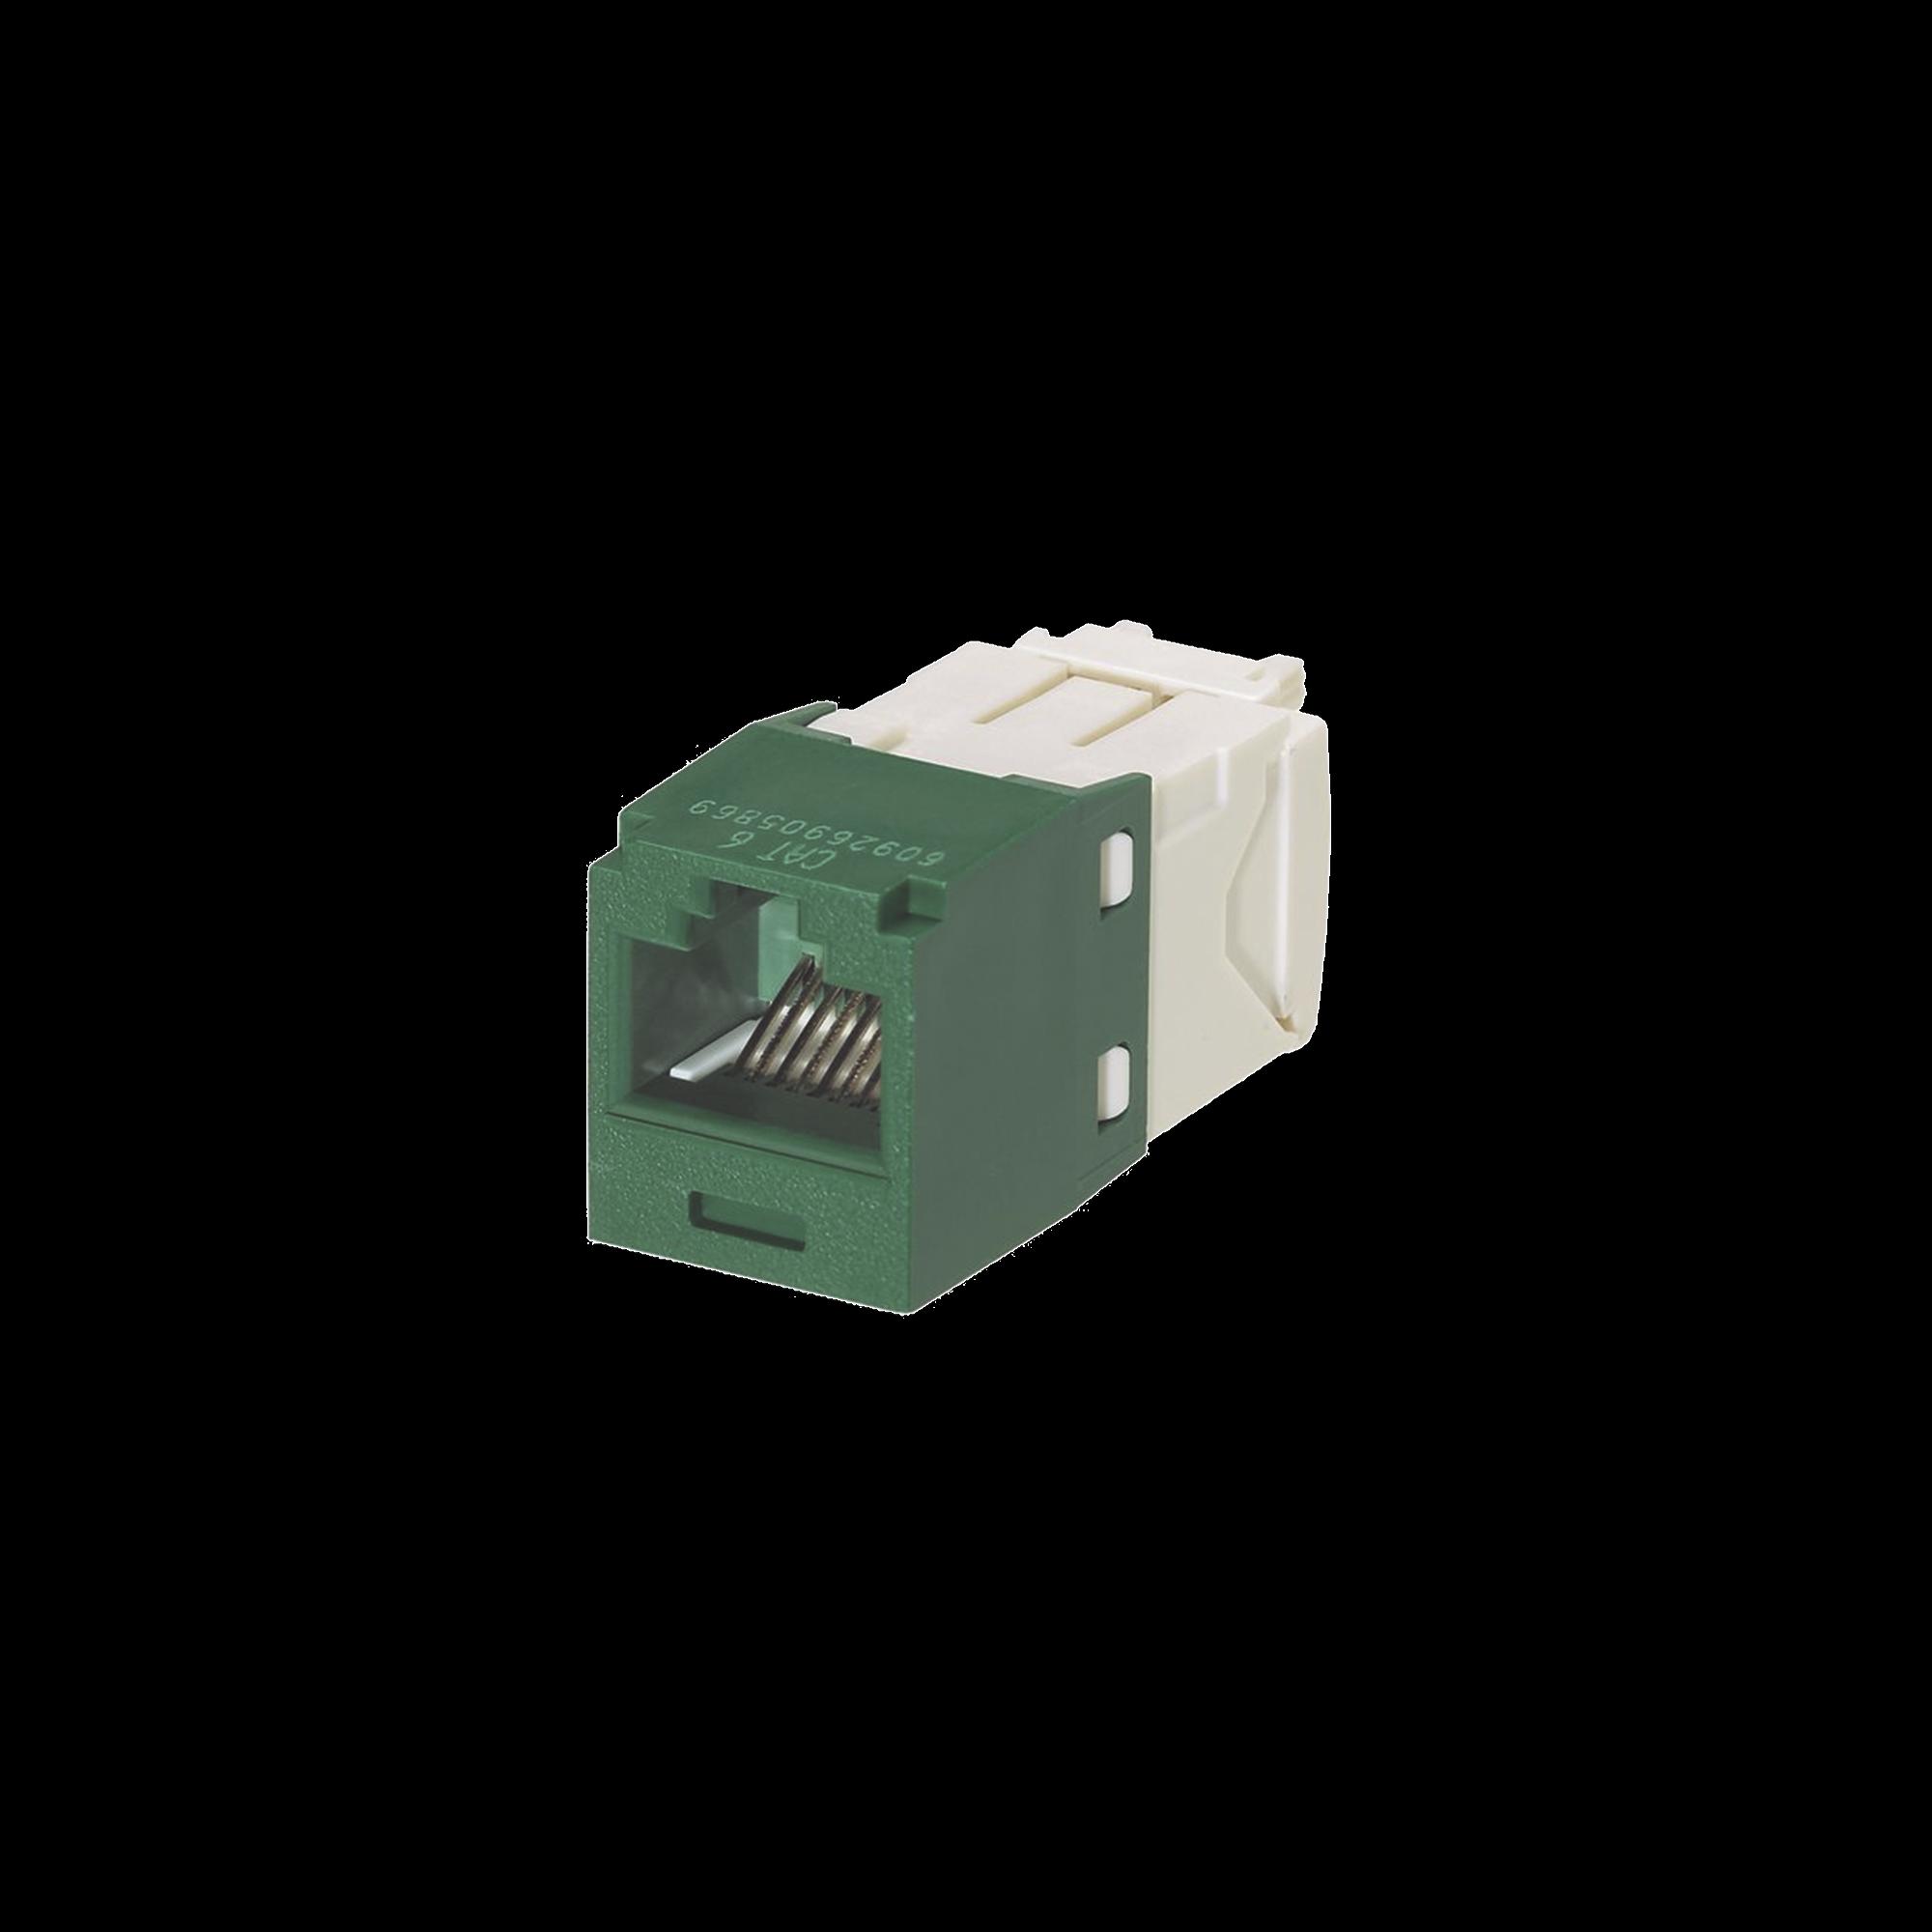 Conector Jack RJ45 Estilo TG, Mini-Com, Categoría 6, de 8 posiciones y 8 cables, Color Verde